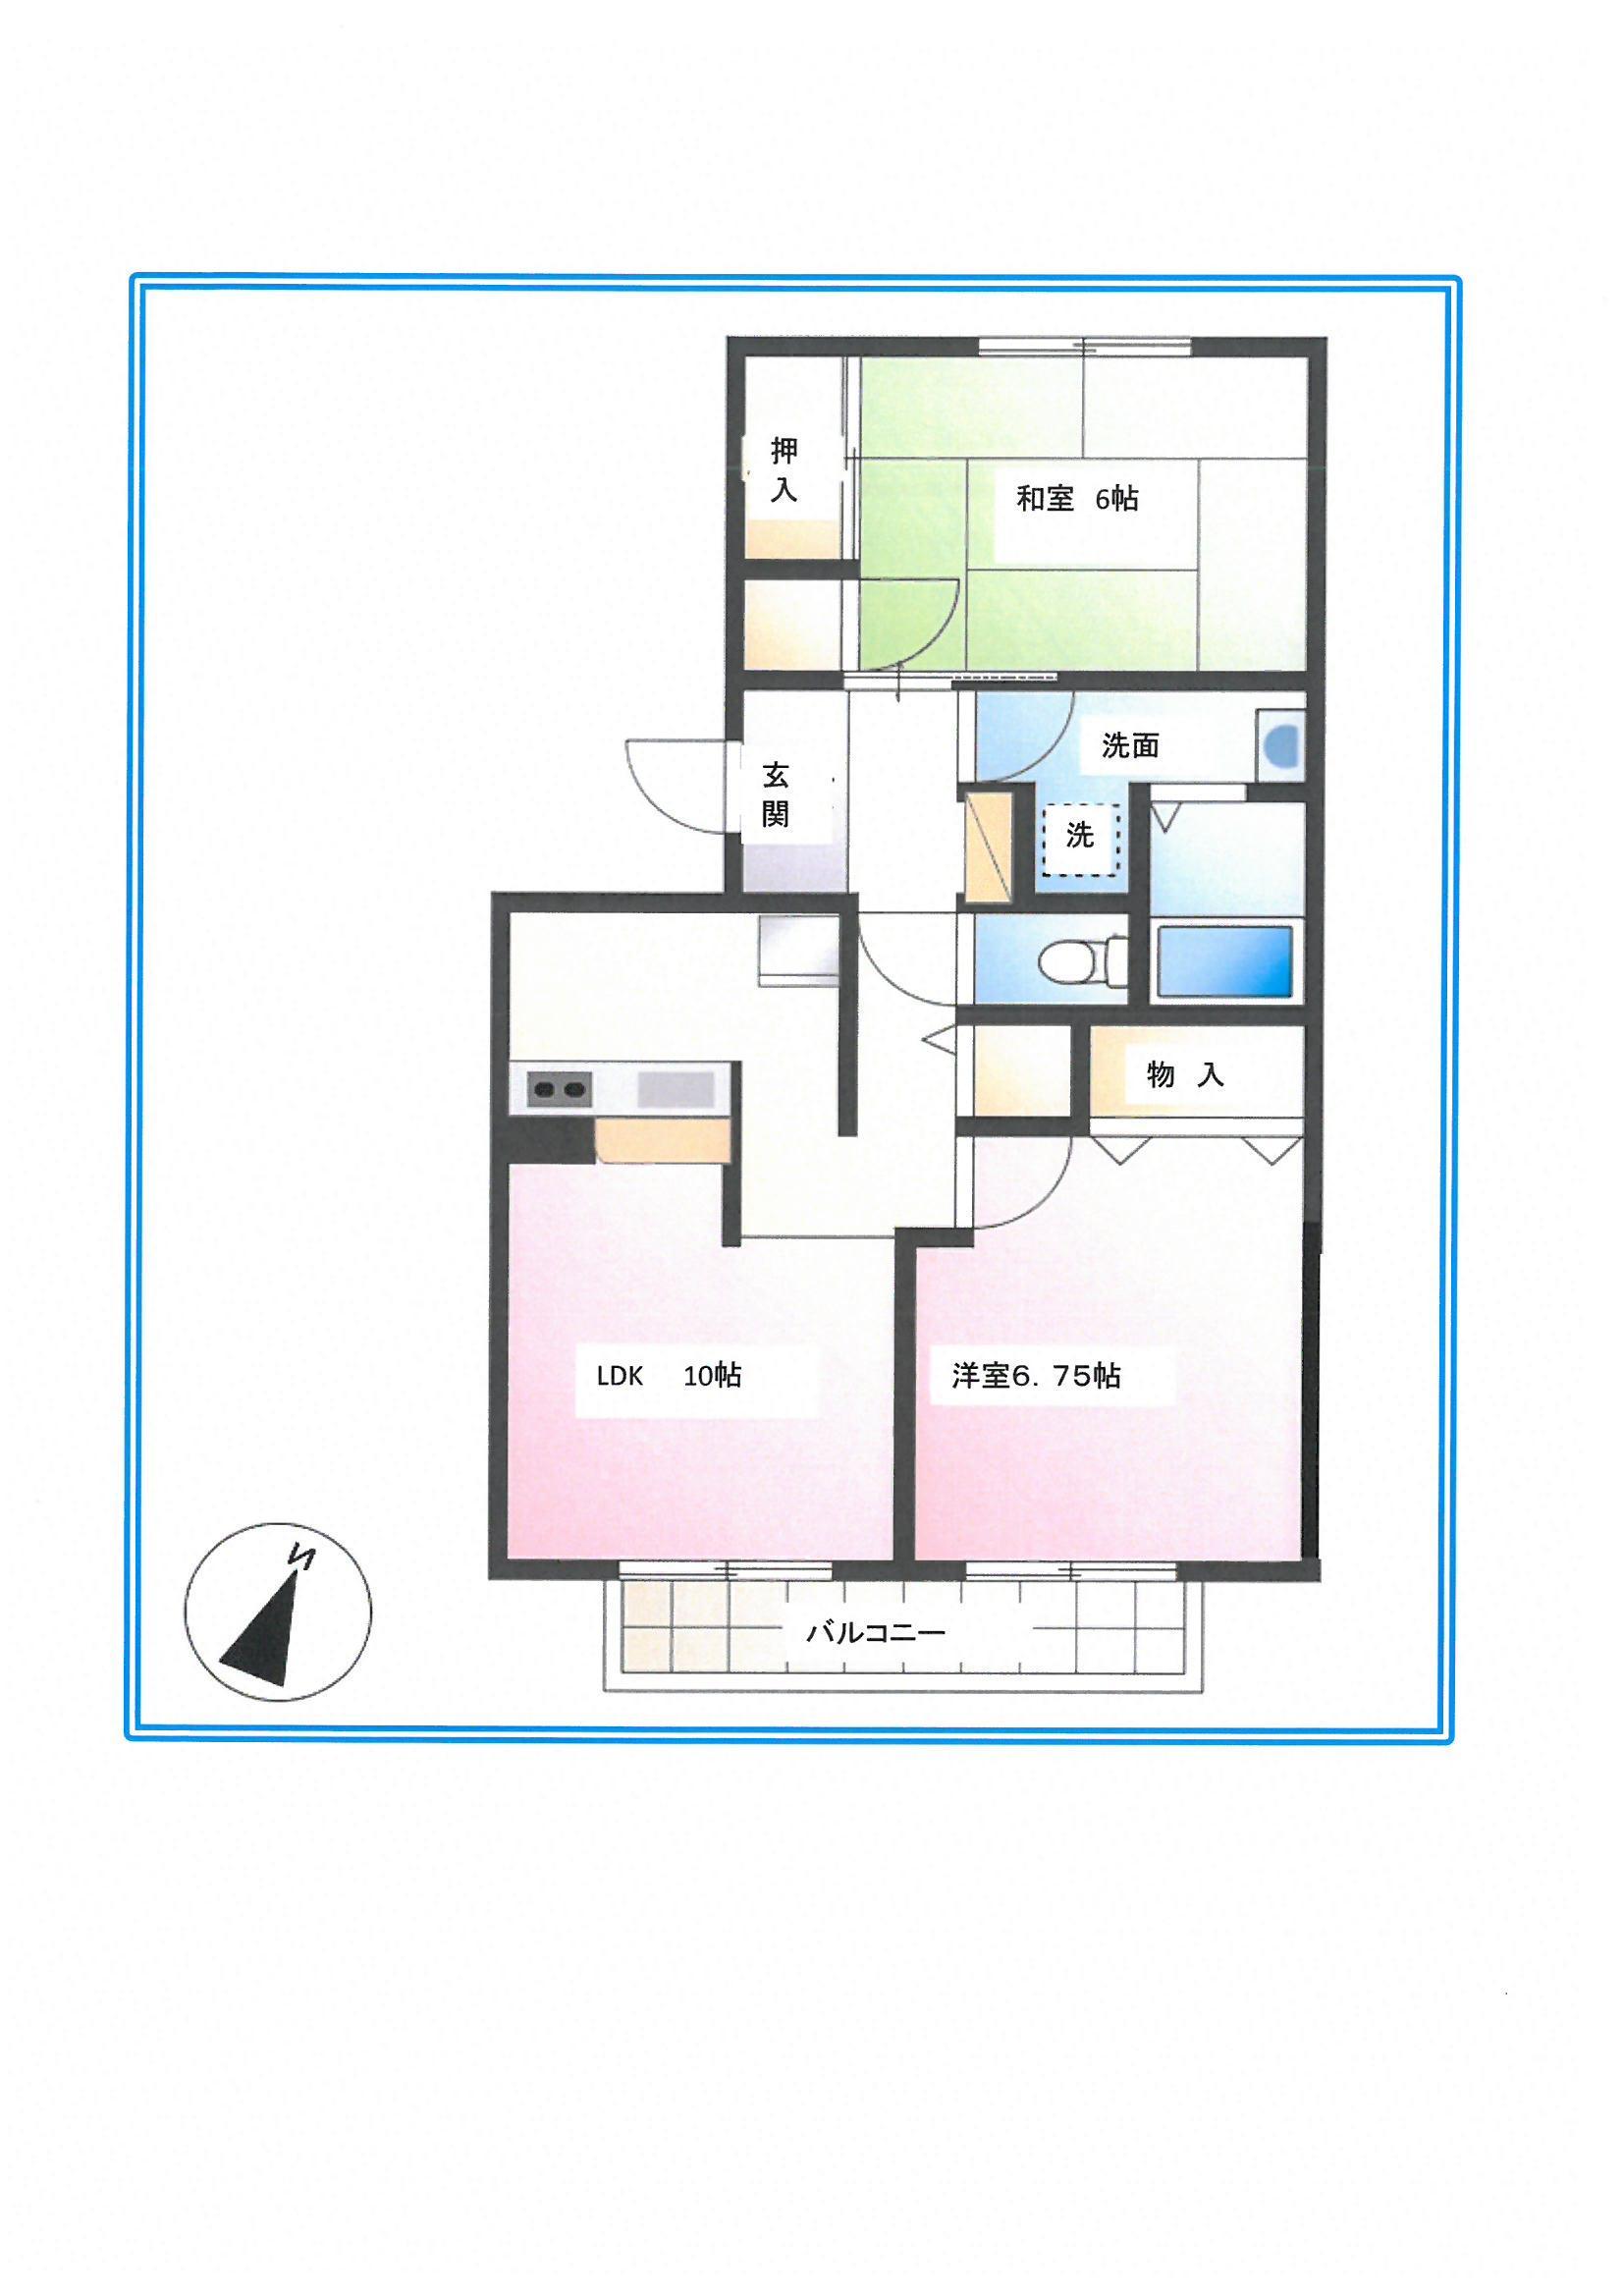 ウエストサイドⅡ 106号室/201号室